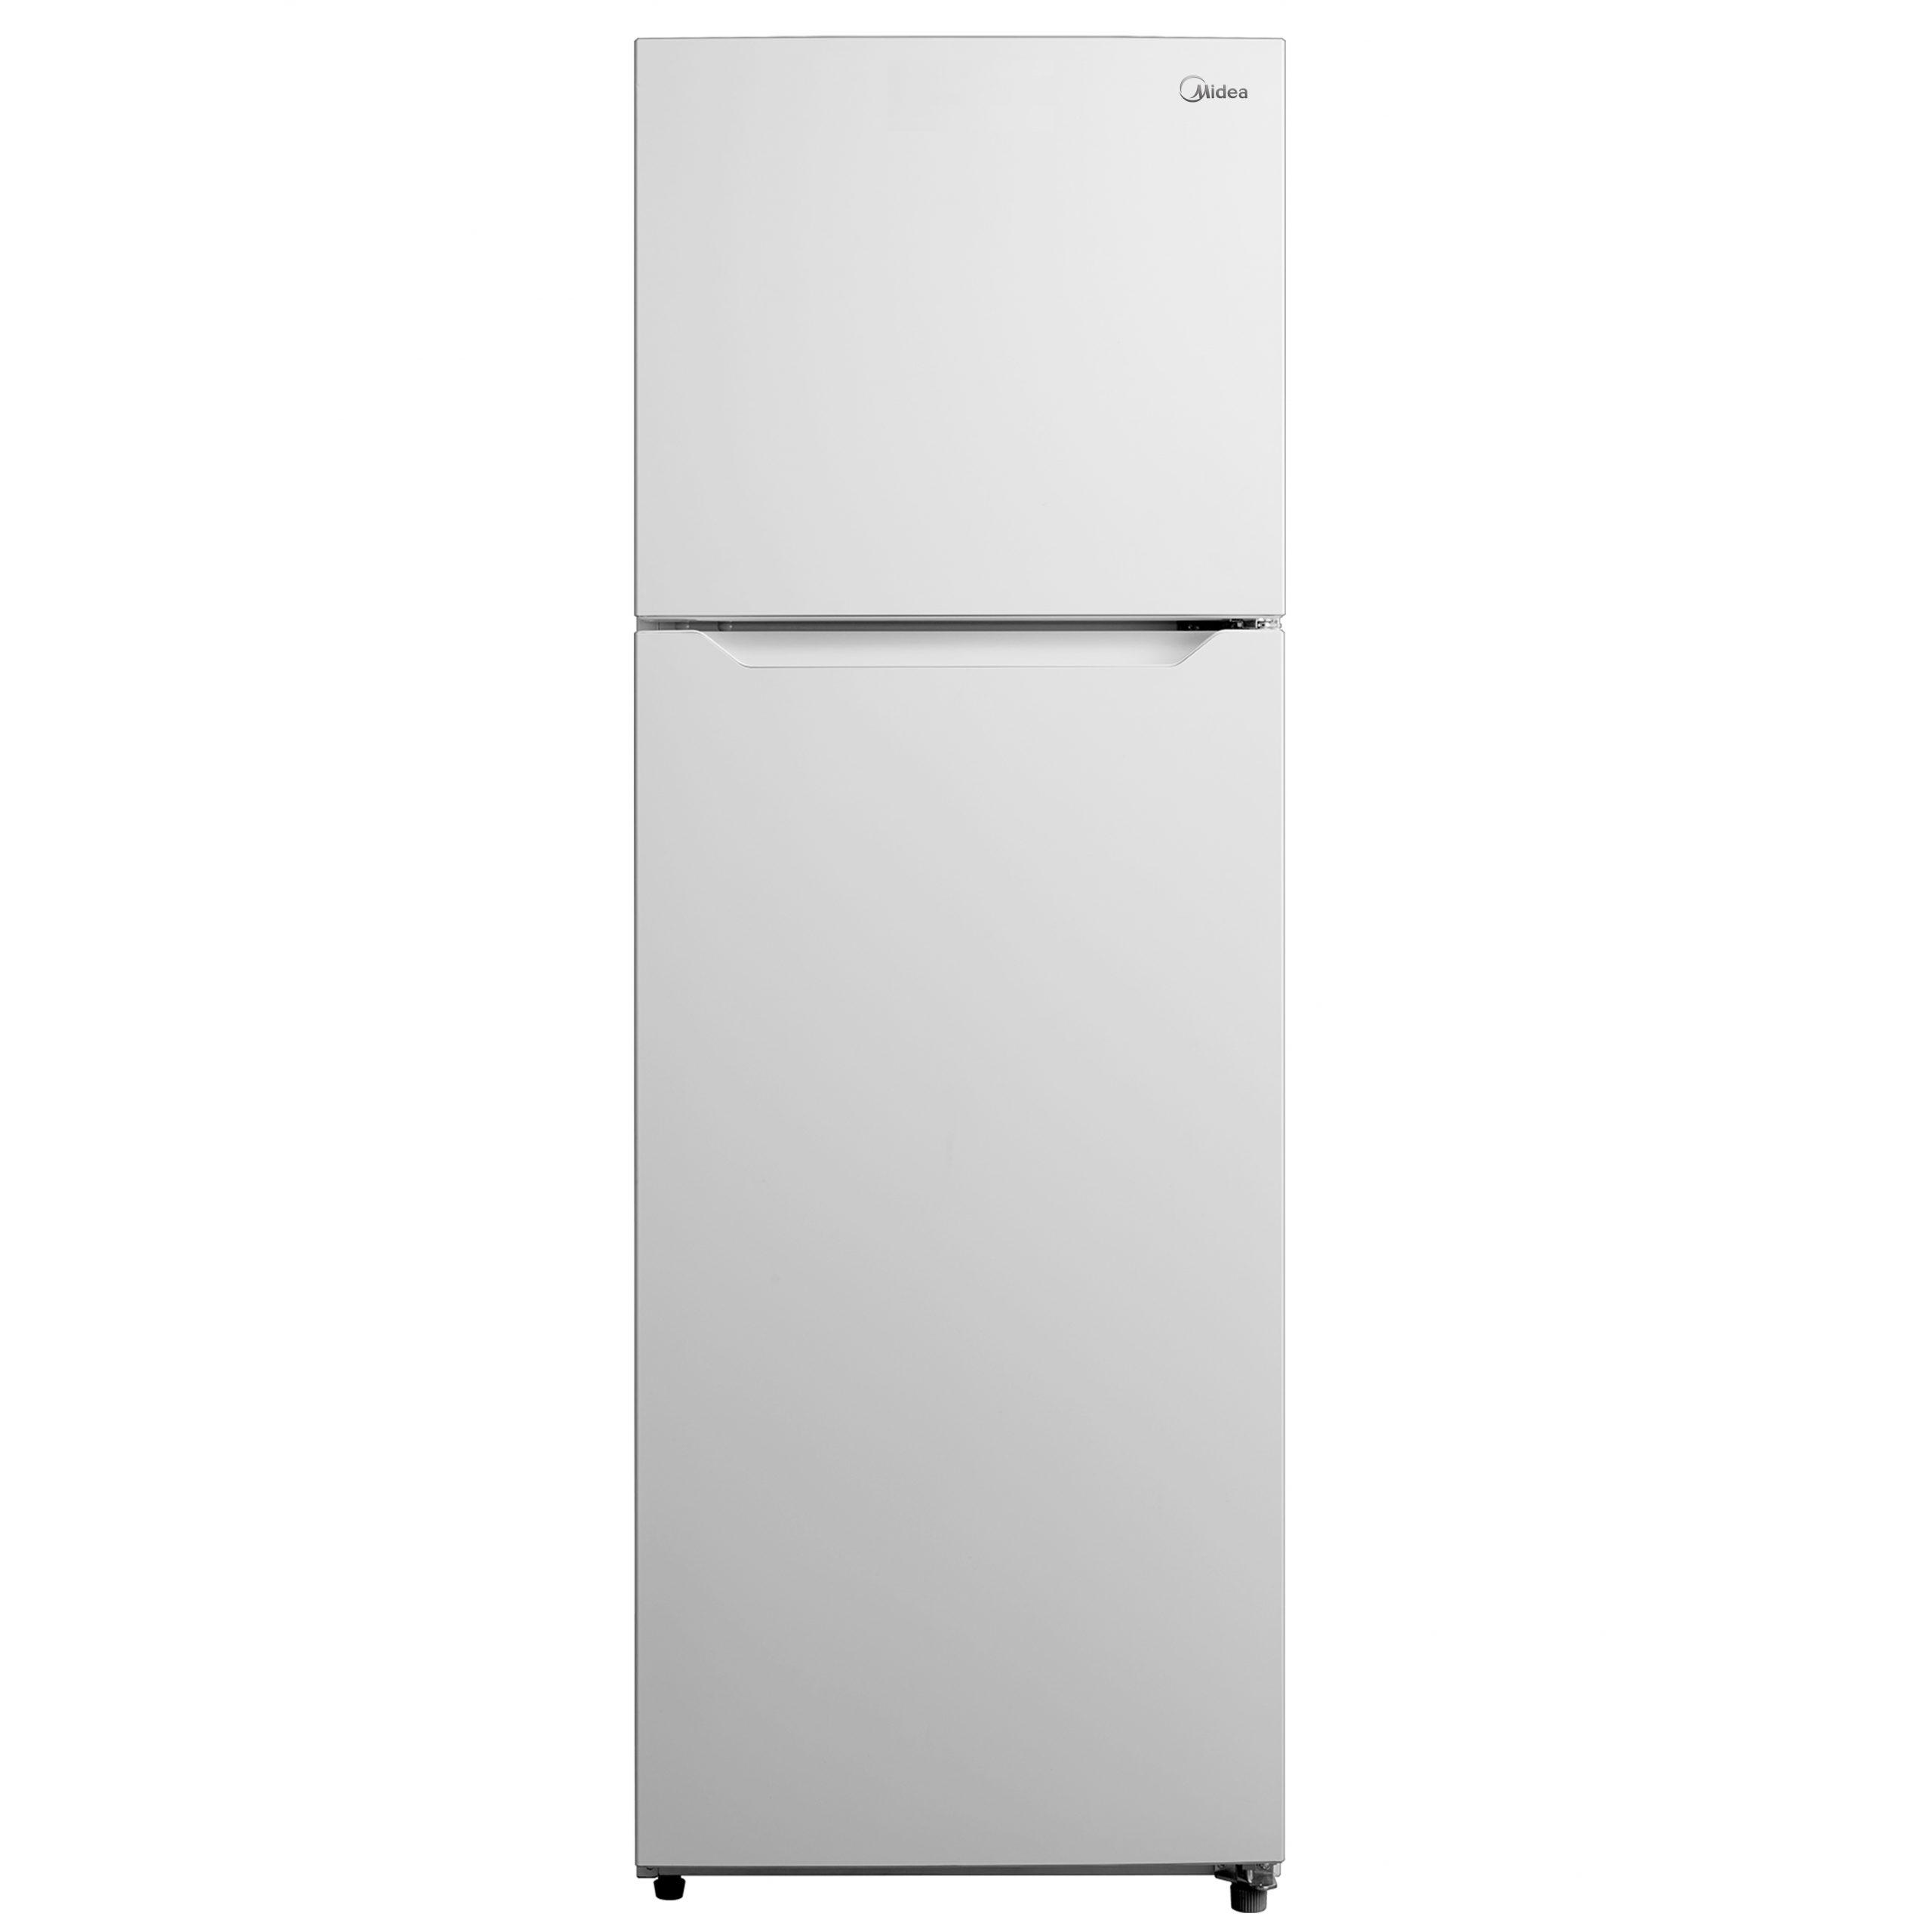 Δίπορτο Ψυγείο Midea MT445A1W